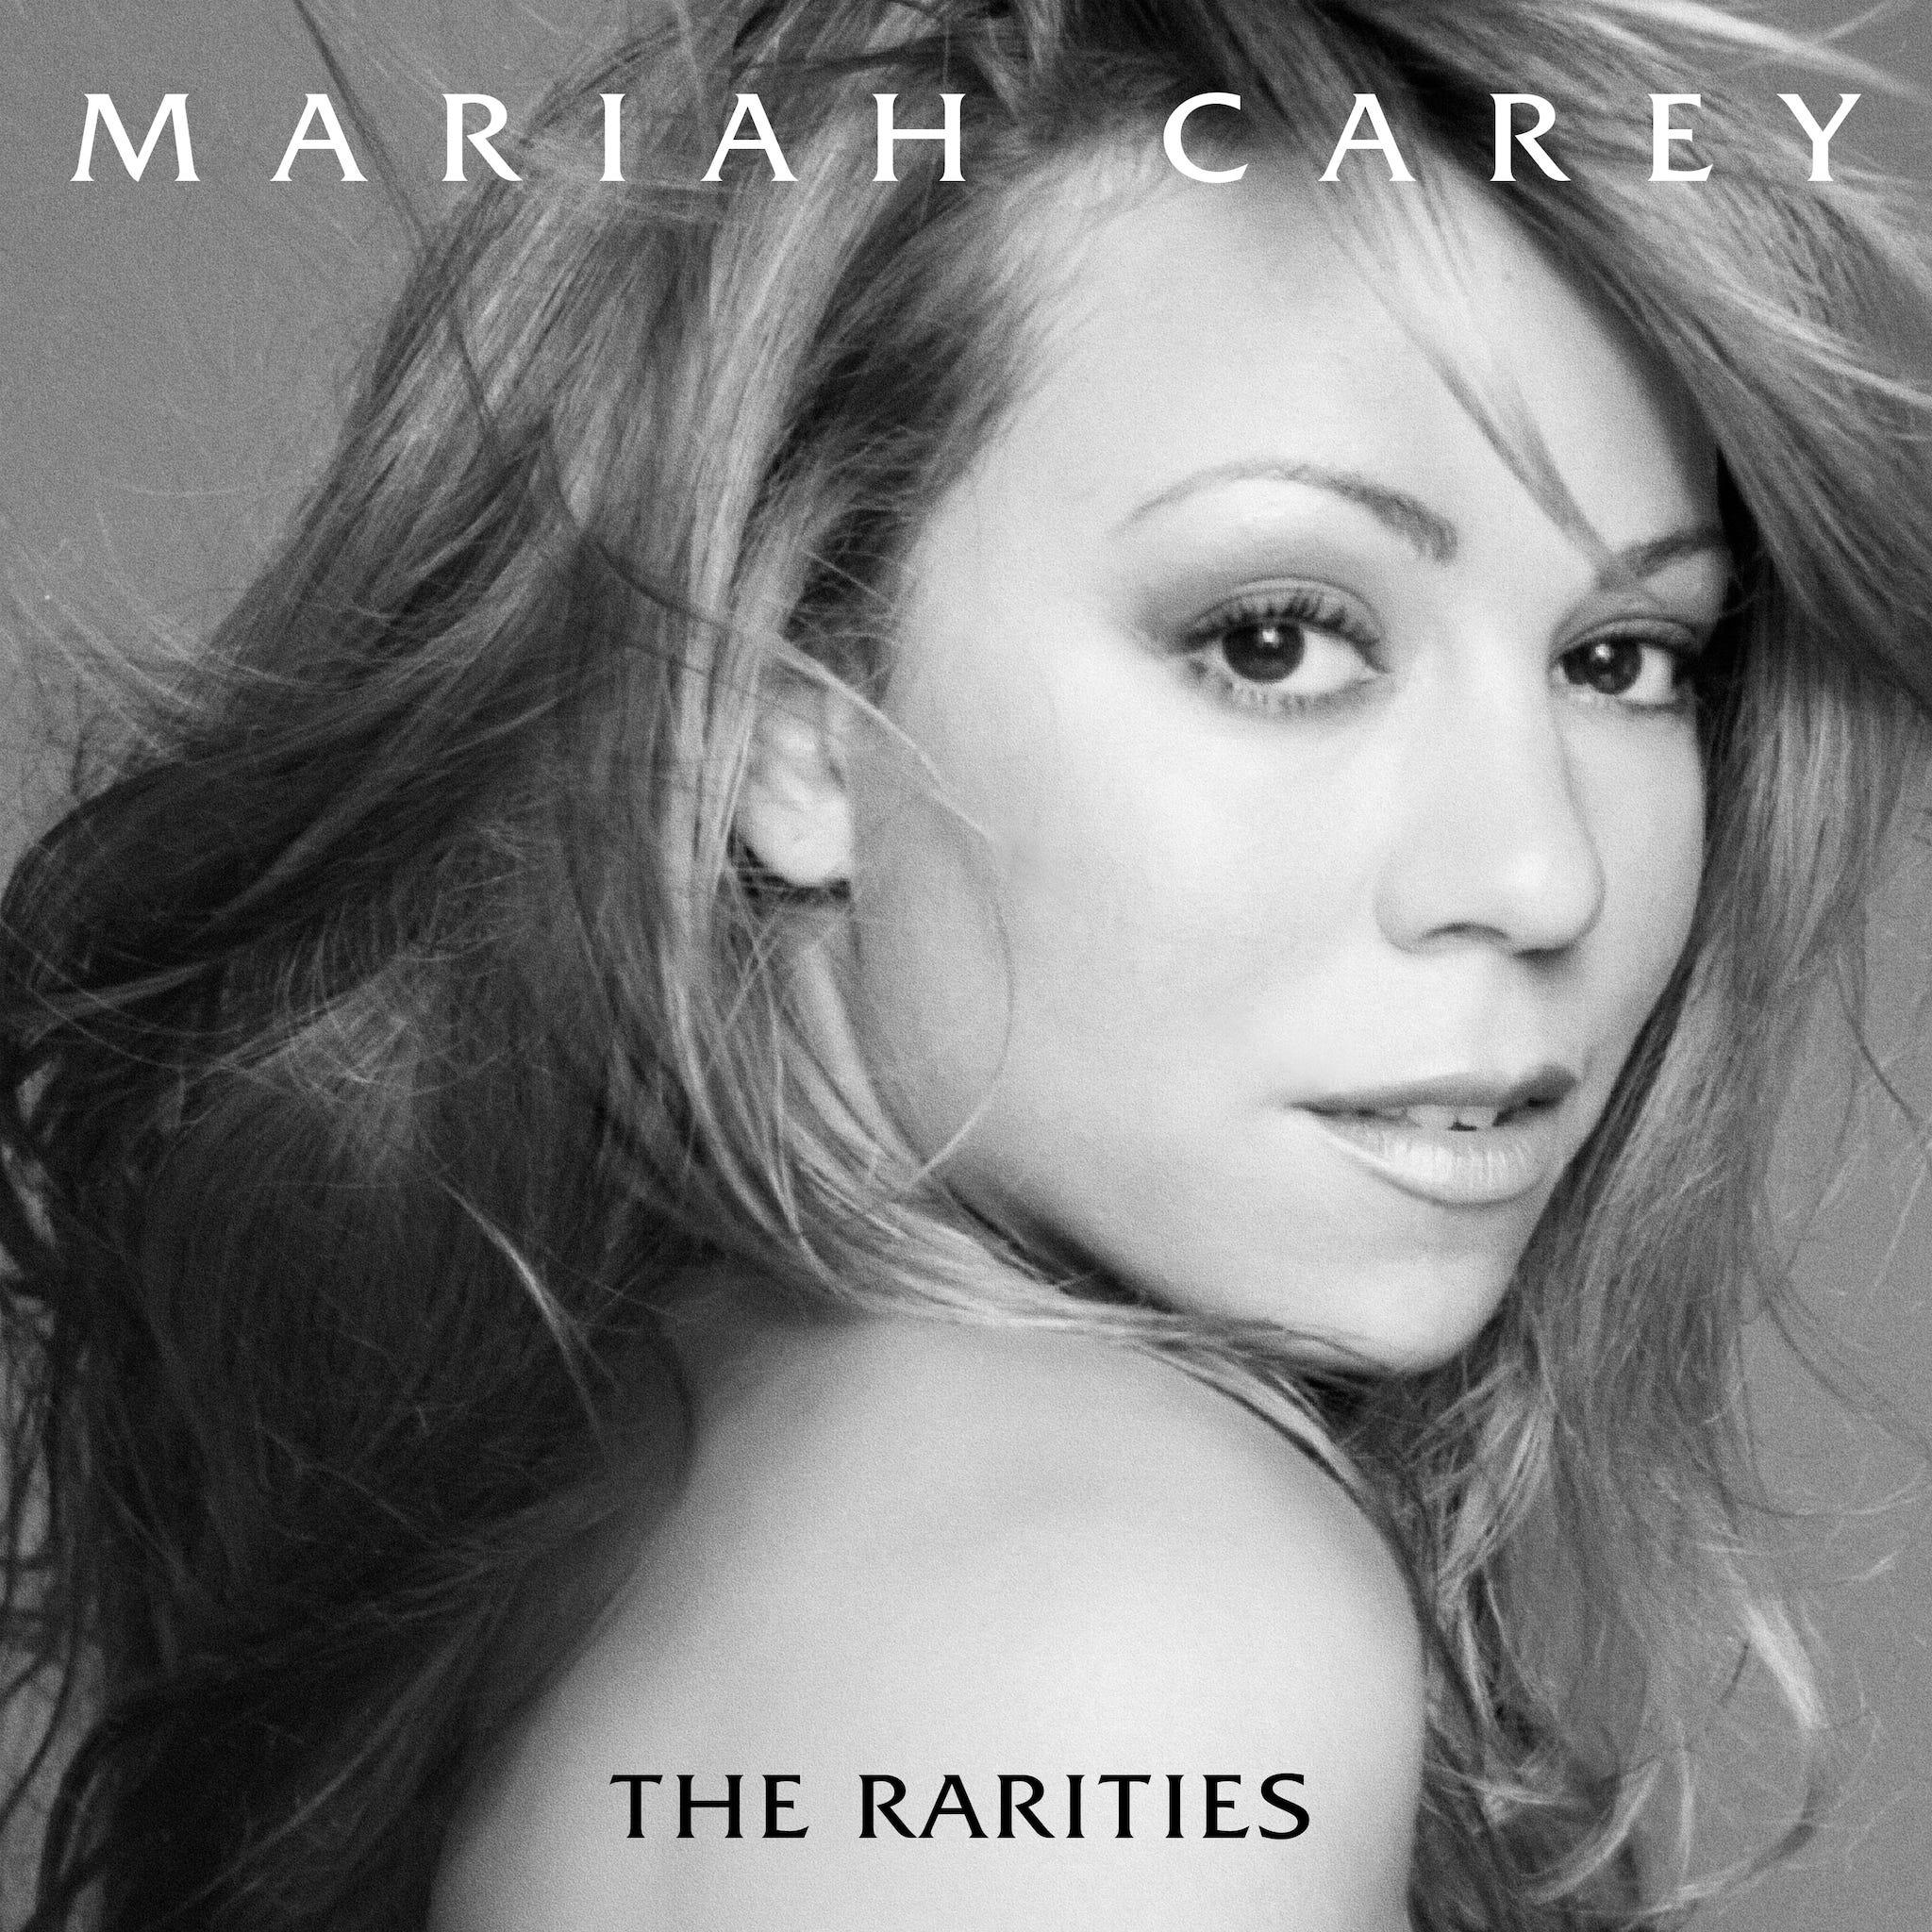 Mariah Carey The Rarities image pochette album musique